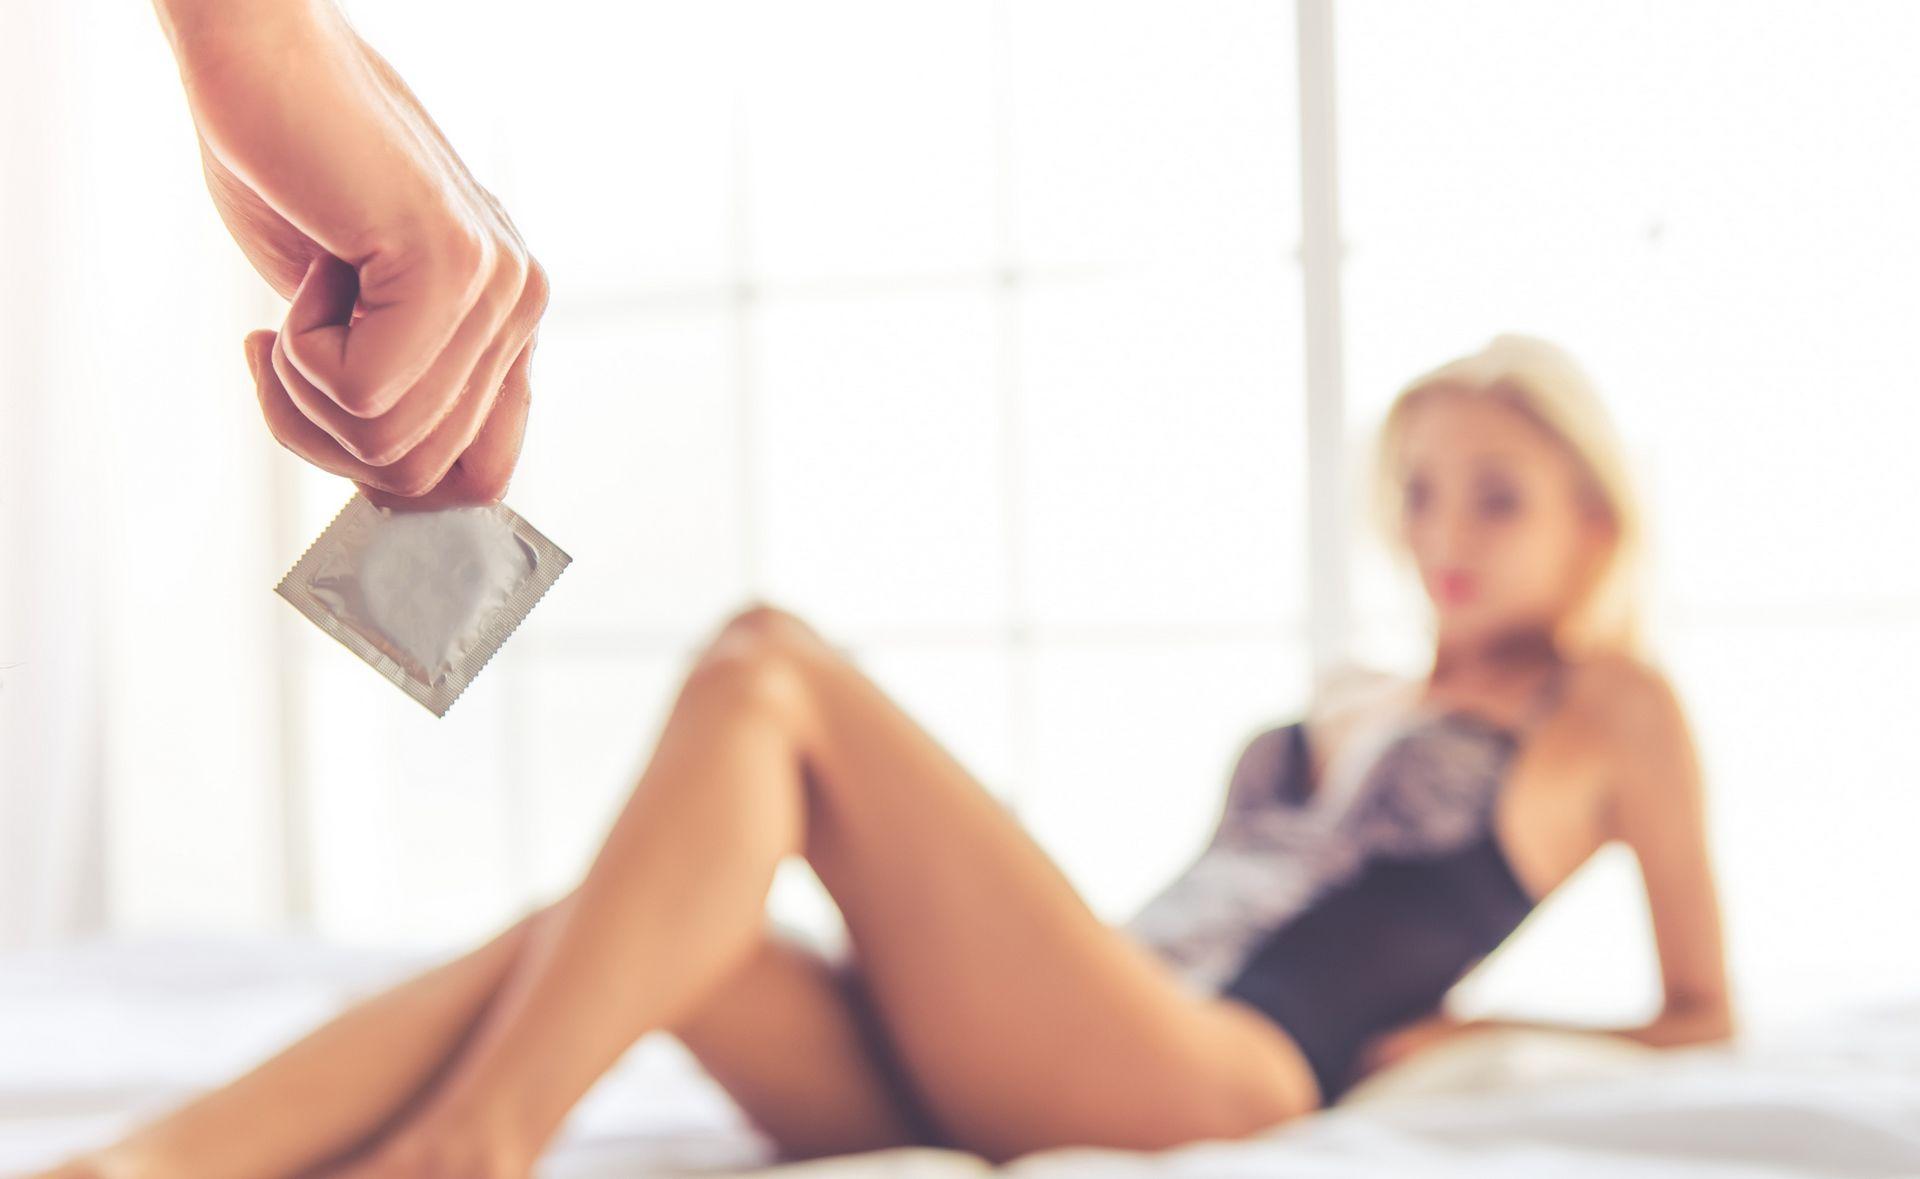 jak używać prezerwatywy